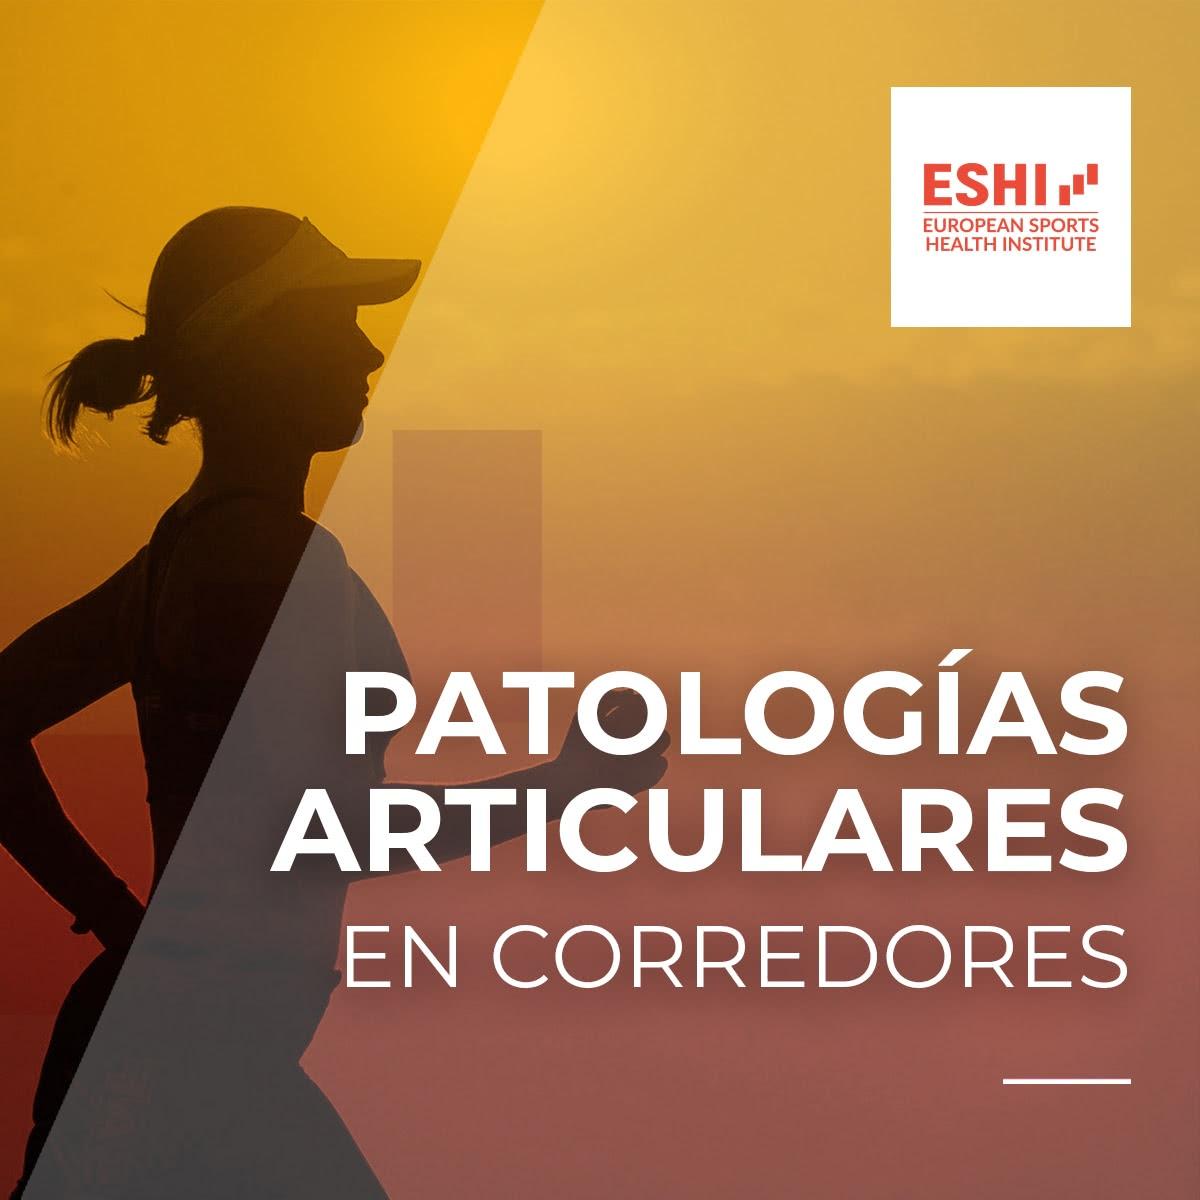 Patologías articulares en corredores